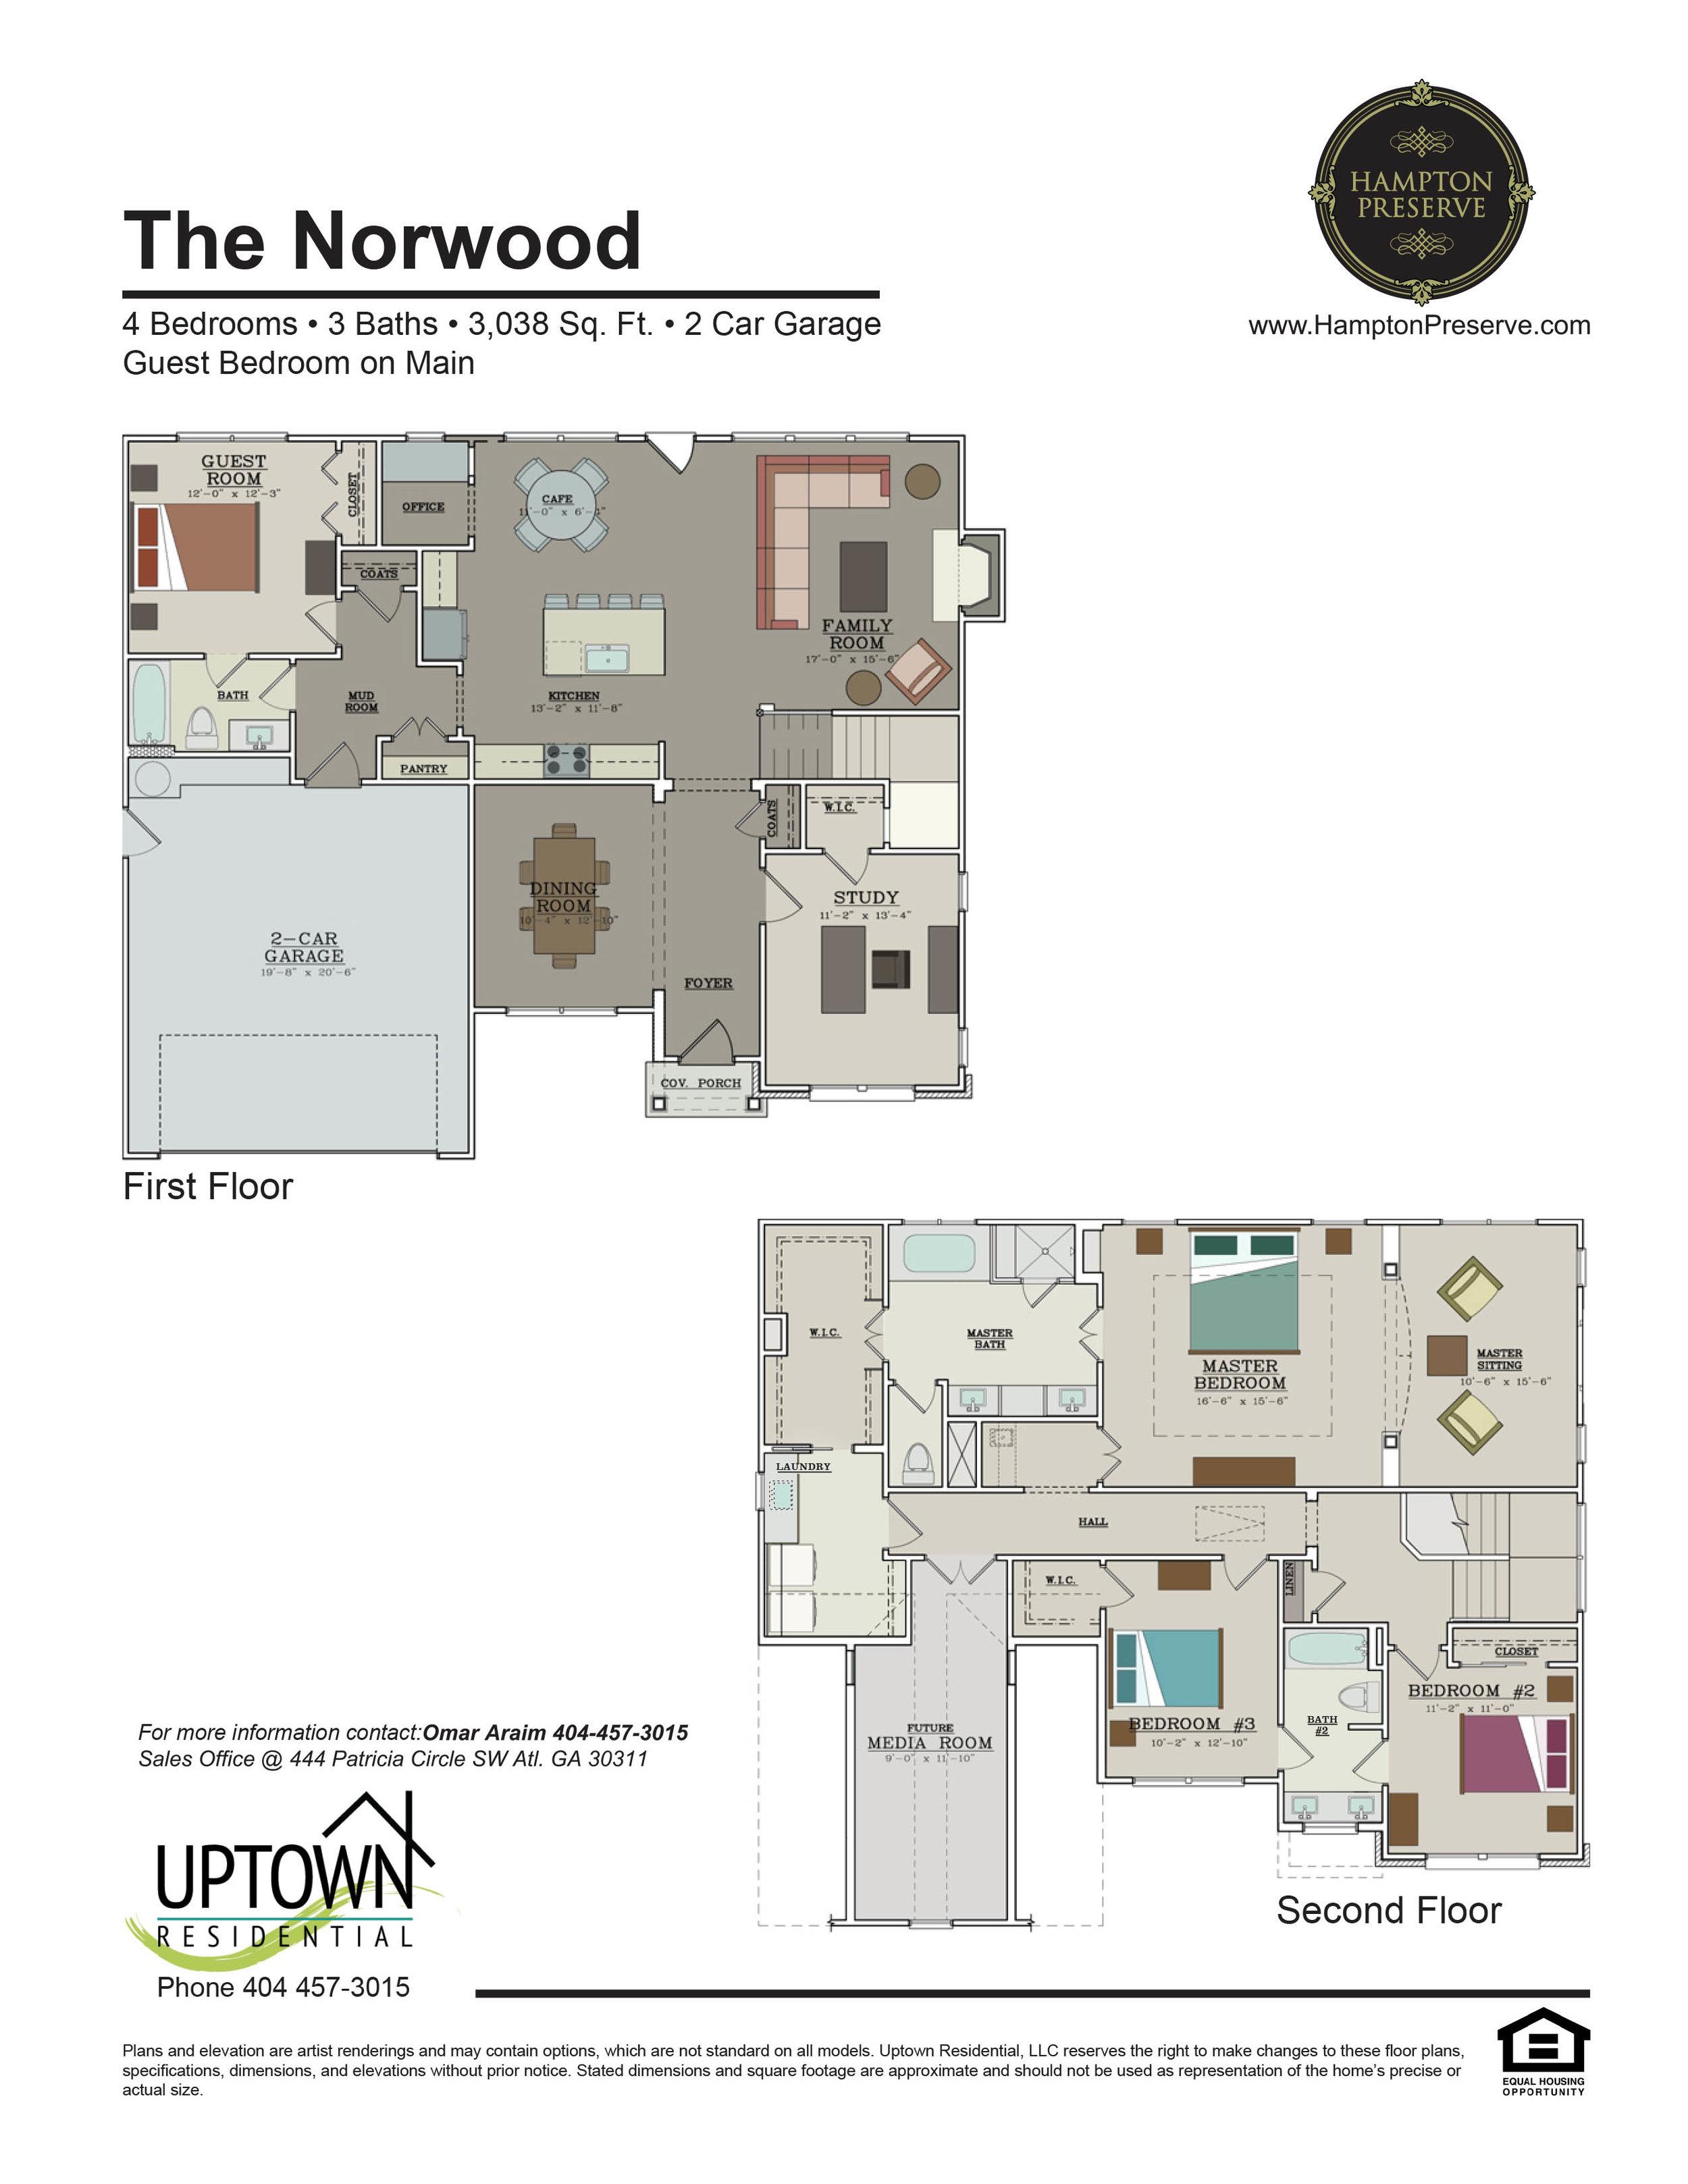 21669 Uptown Residential - Norwood 2.jpg